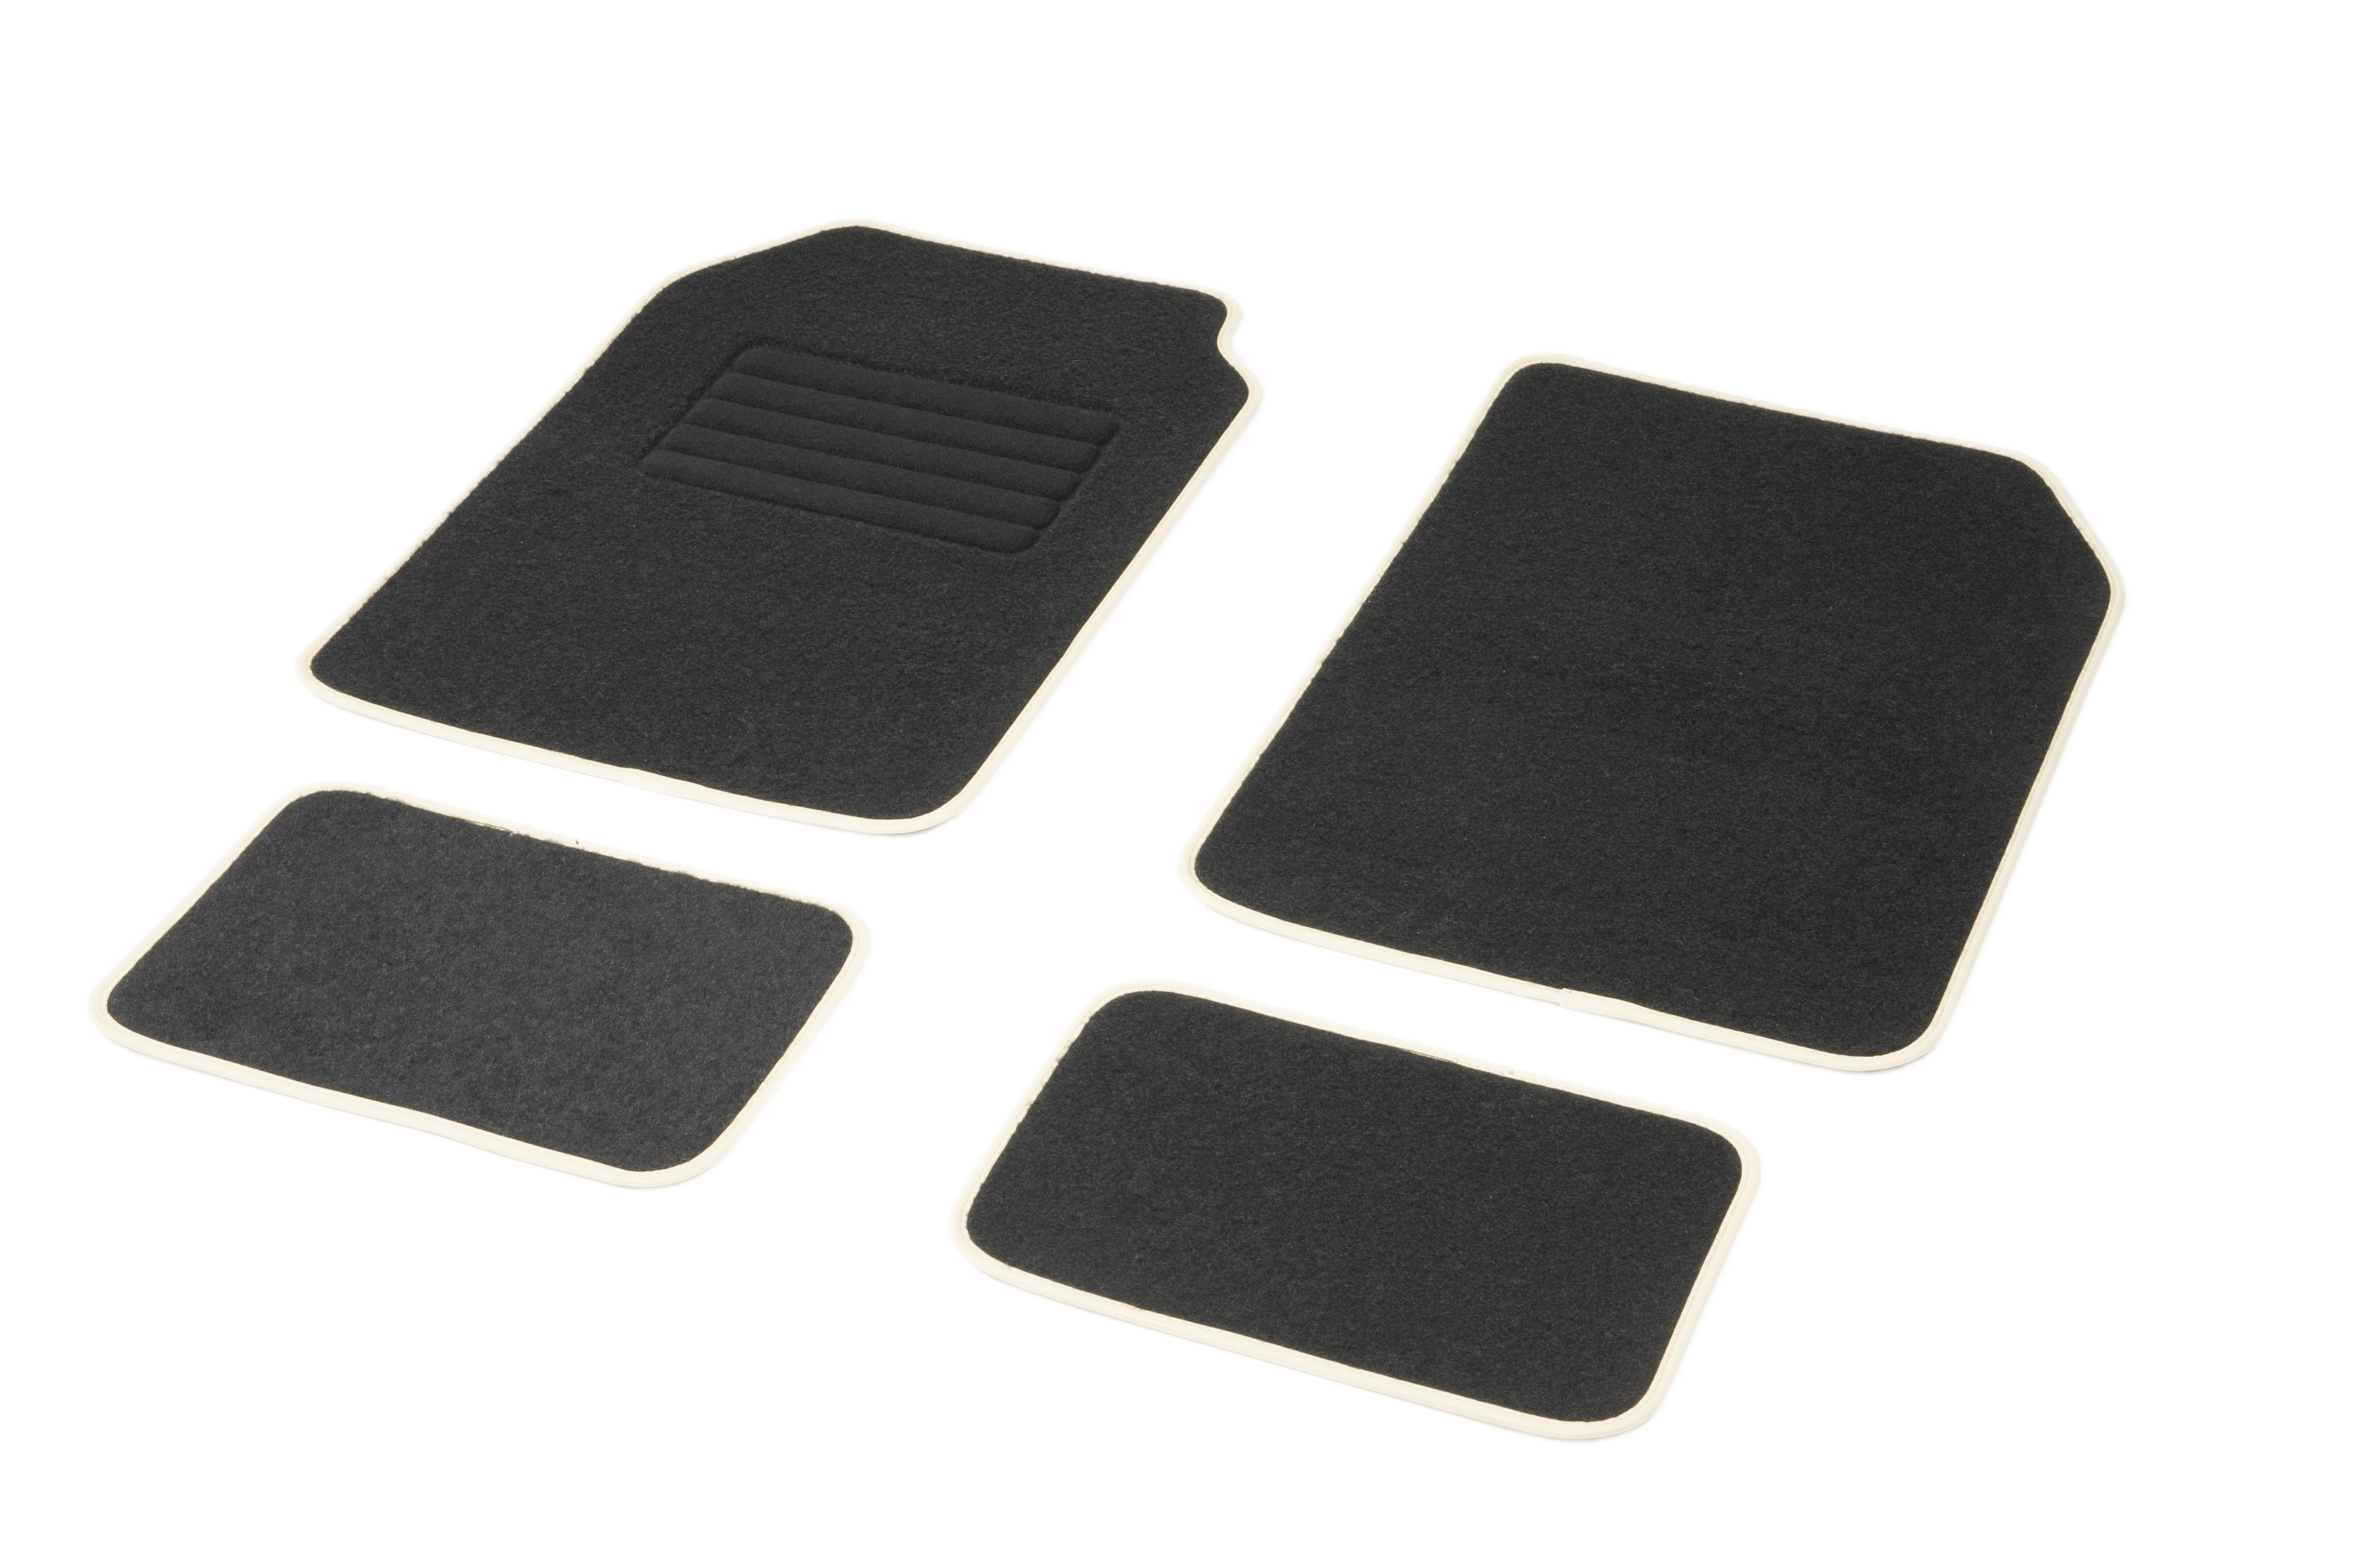 01765762 DBS Universelle passform, STANDARD Textil, vorne und hinten, Menge: 4, schwarz, weiß Größe: 73х46 Fußmattensatz 01765762 kaufen